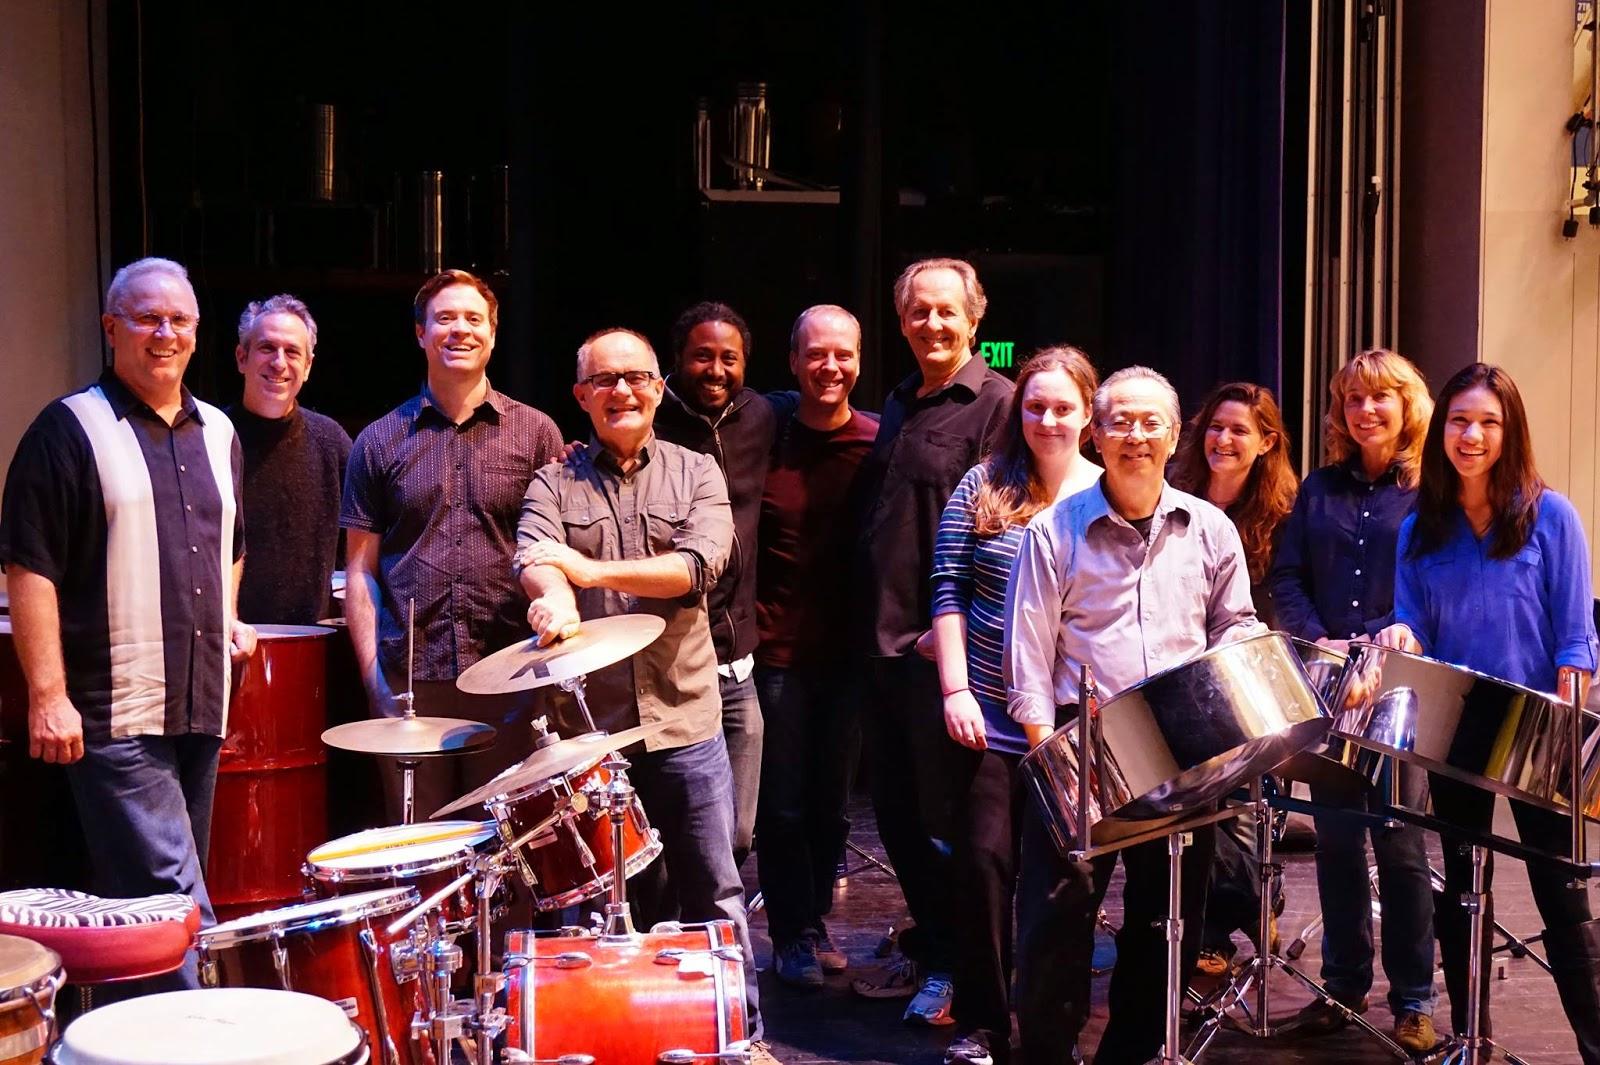 The San Francisco Panhandlers Steel Drum Band